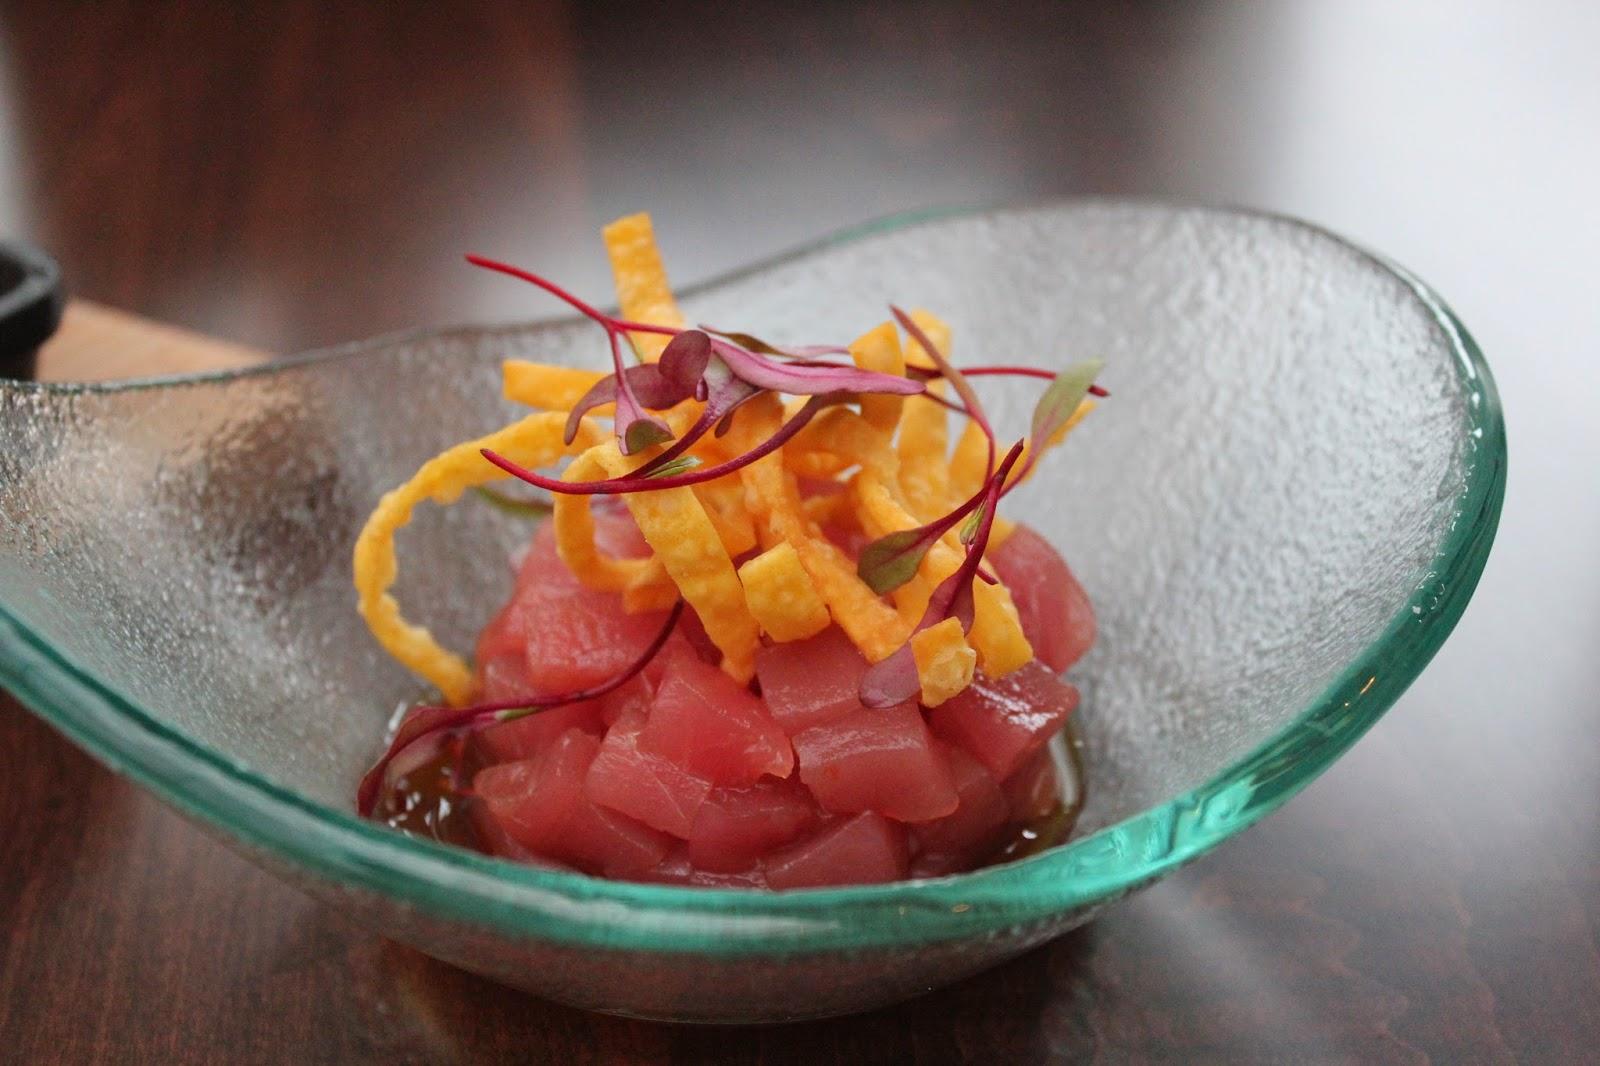 Yellowfin tuna tartare at Chopps American Bar and Grill, Burlington, Mass.